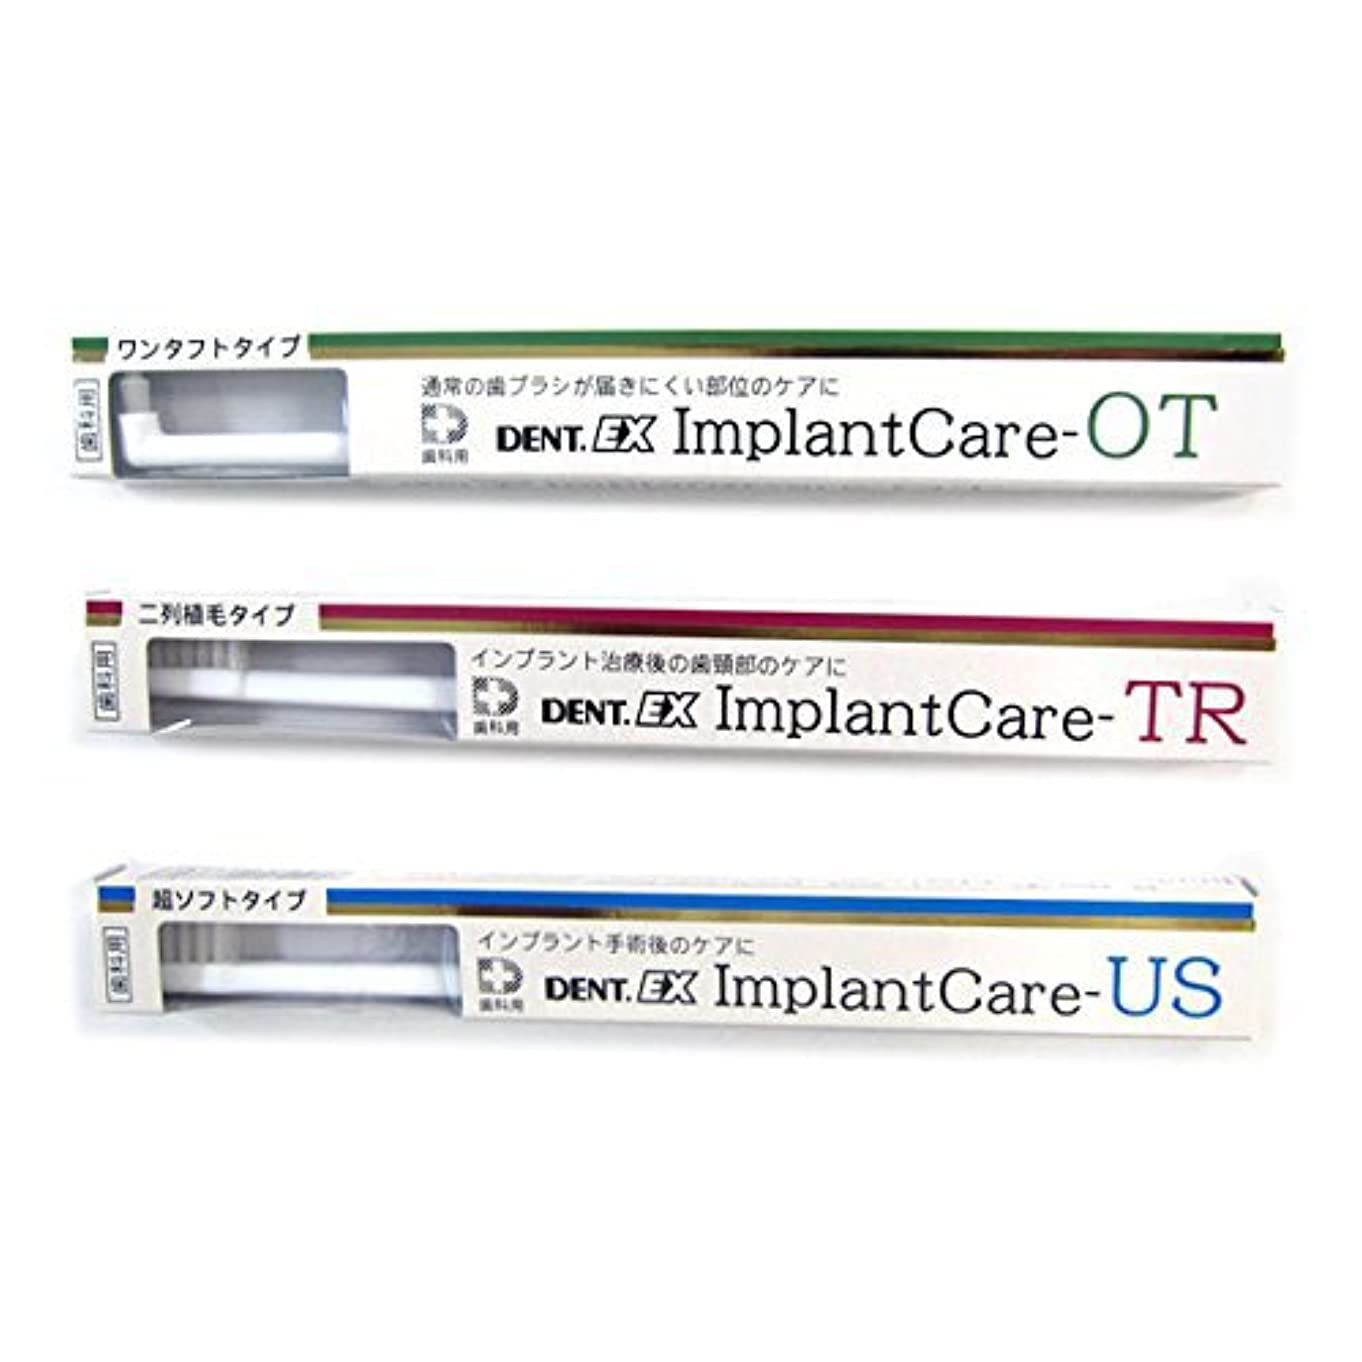 かんたん部族マトロンデント DENT EX ImplantCare インプラントケア 単品 OT(ワンタフト)